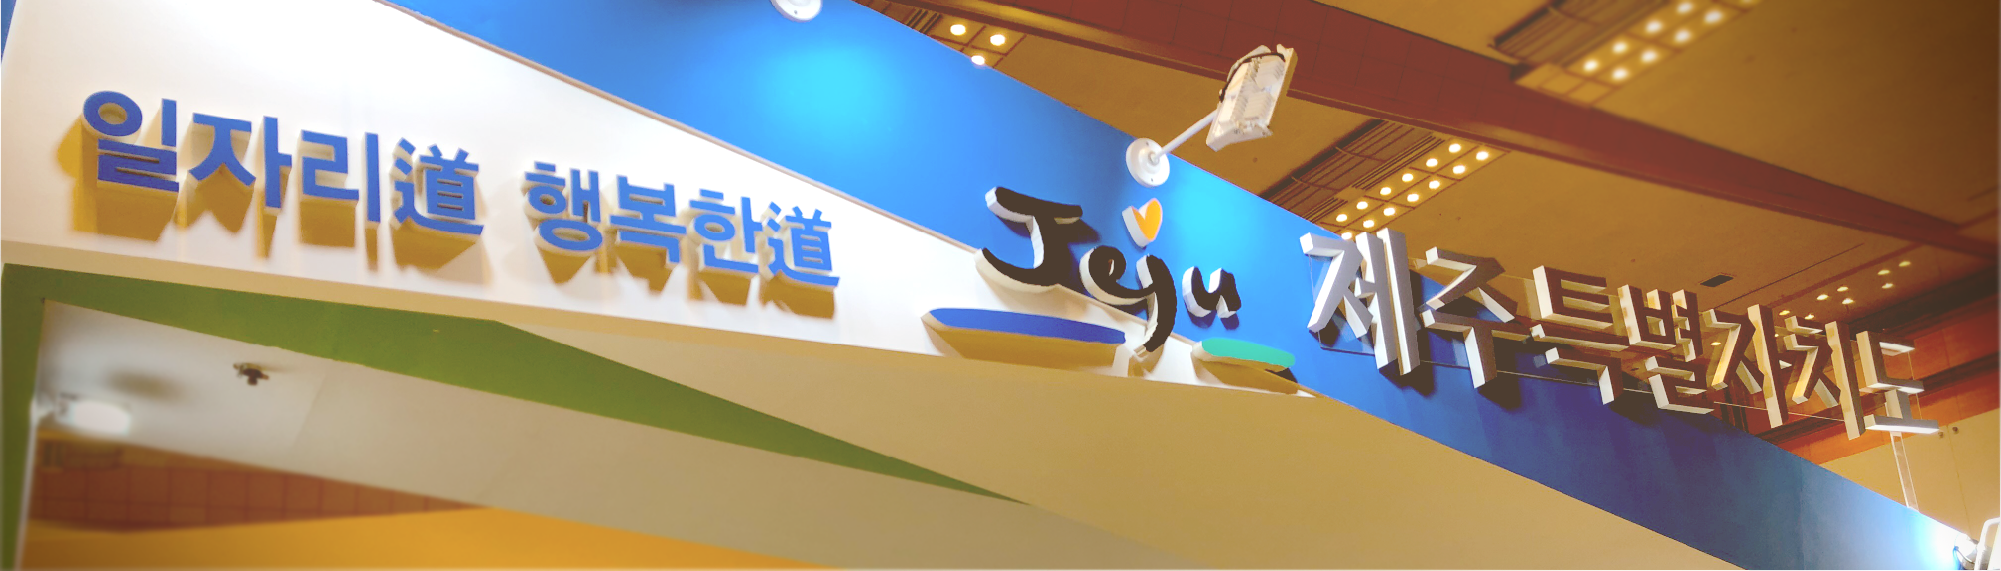 제2회 대한민국 지방정부 일자리정책 박람회